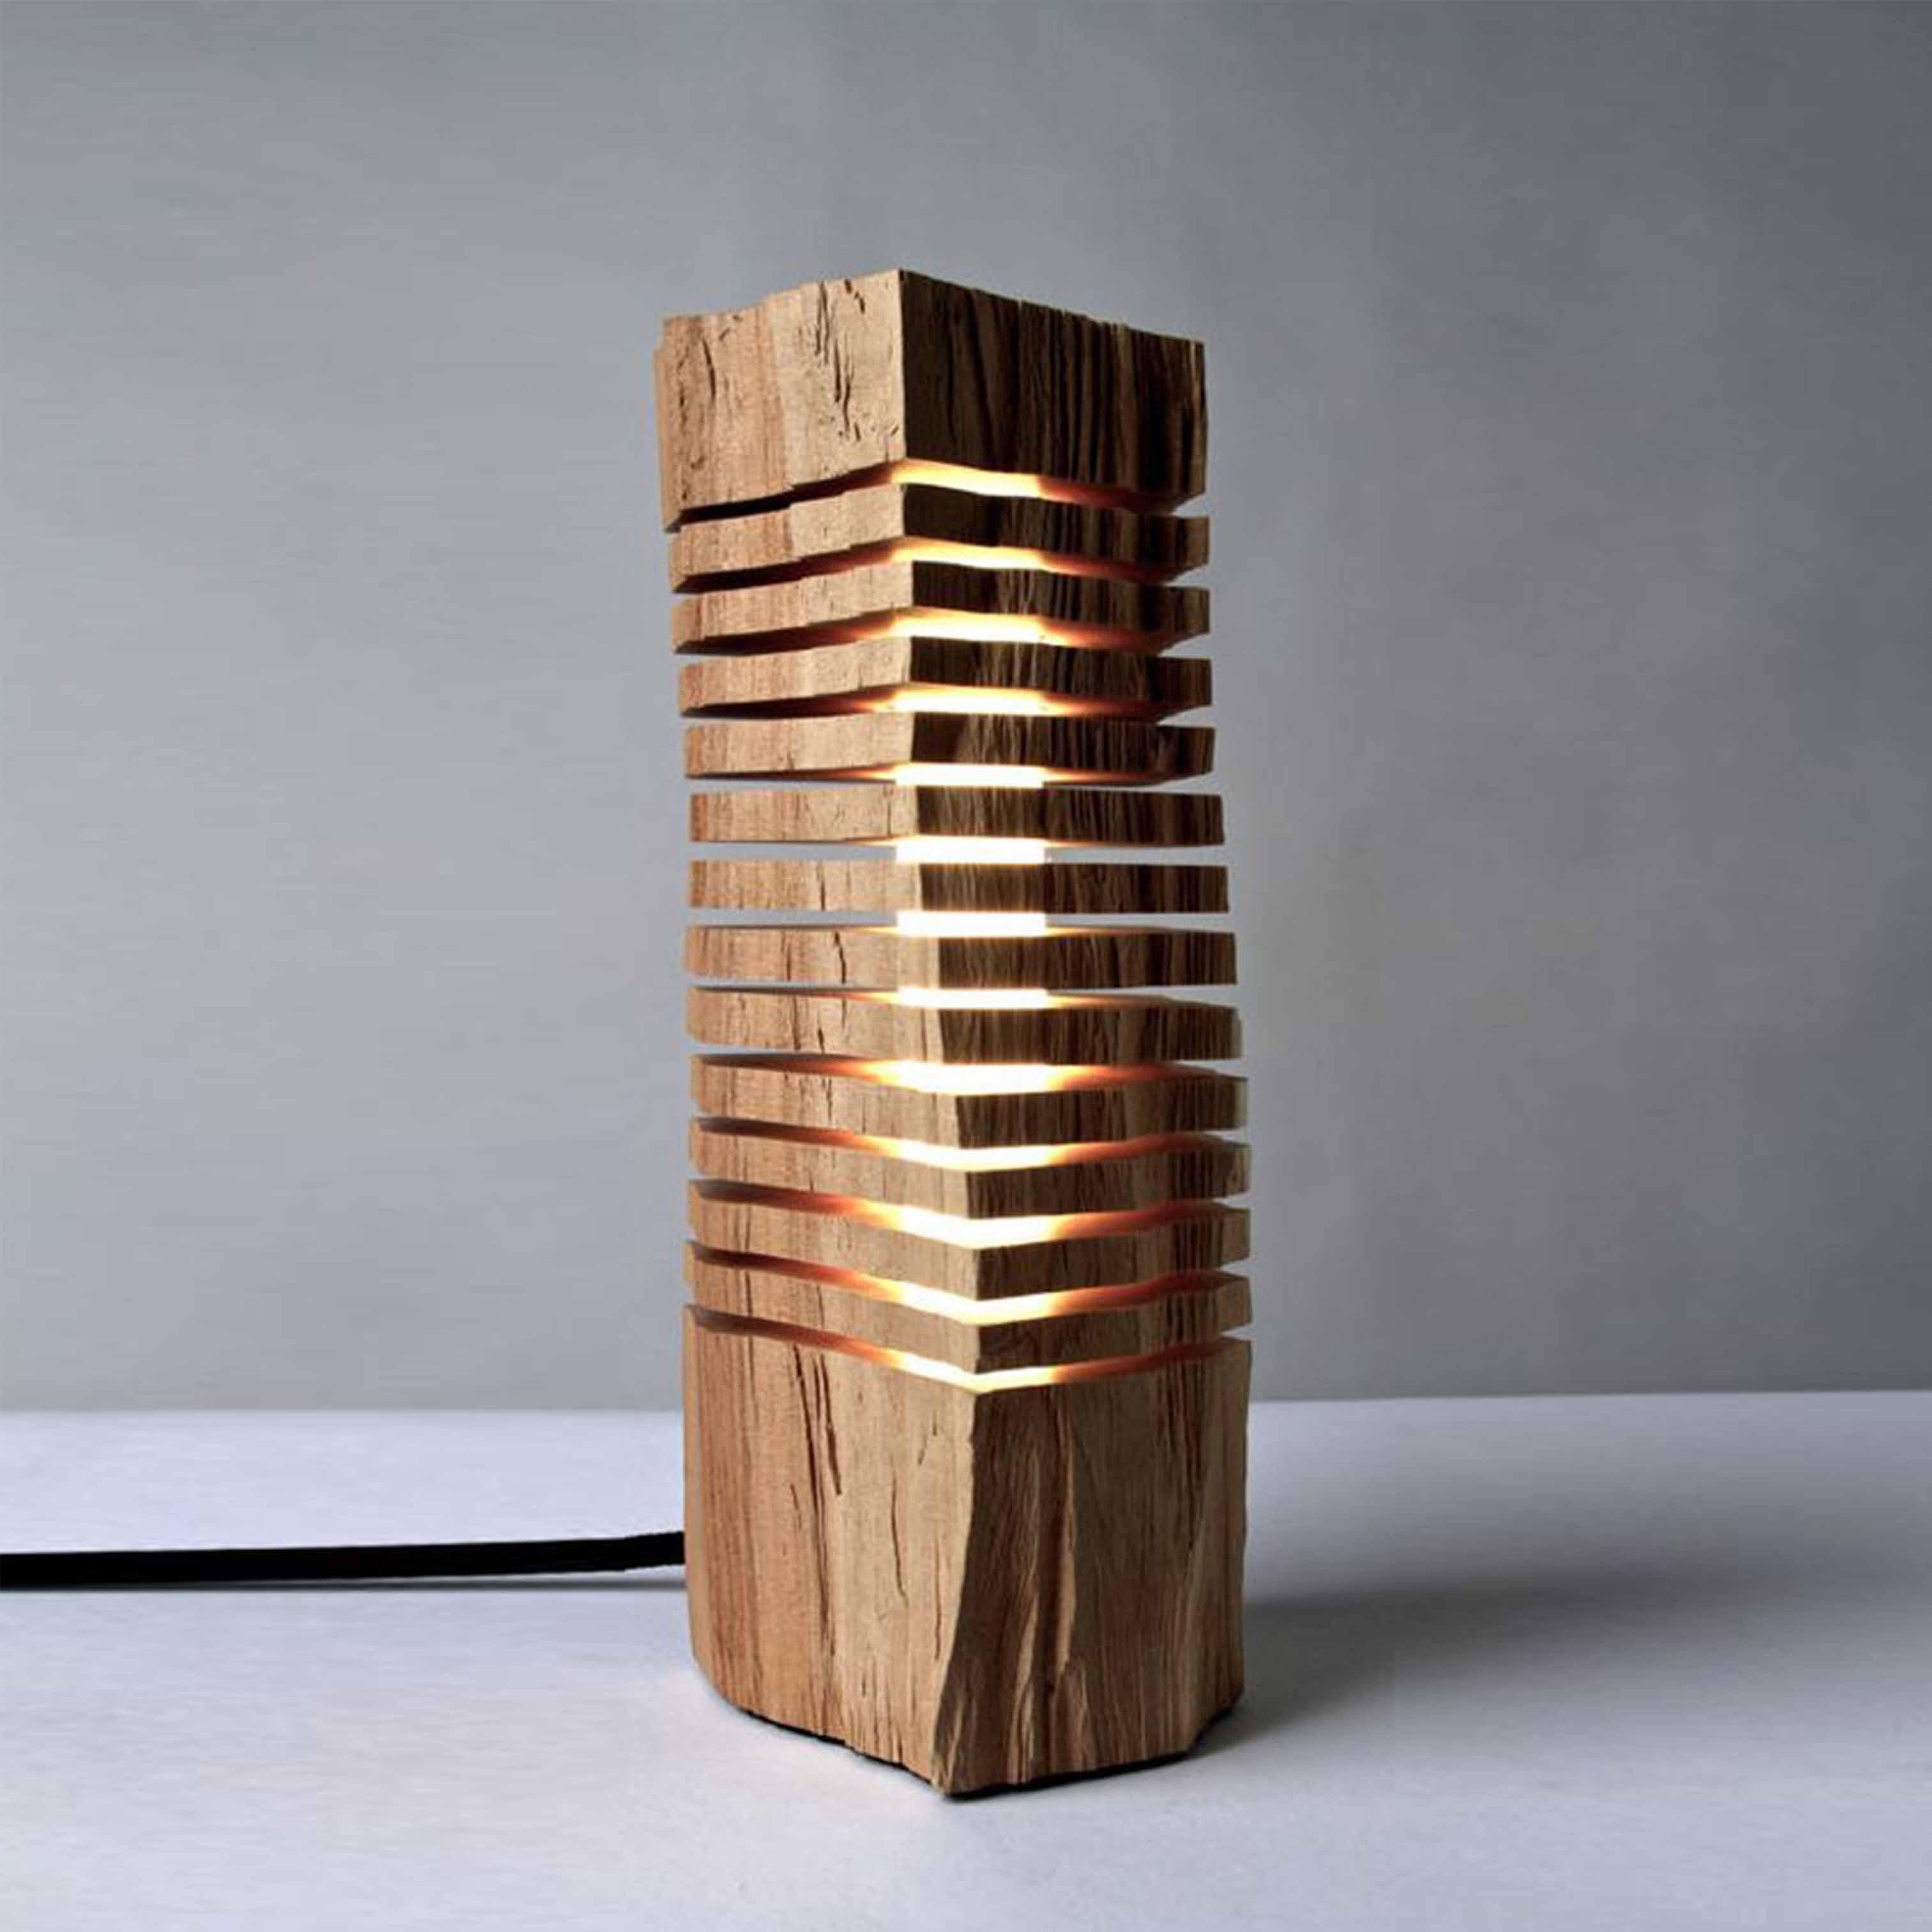 Đèn gỗ trang trí nghệ thuật - D55LHFU